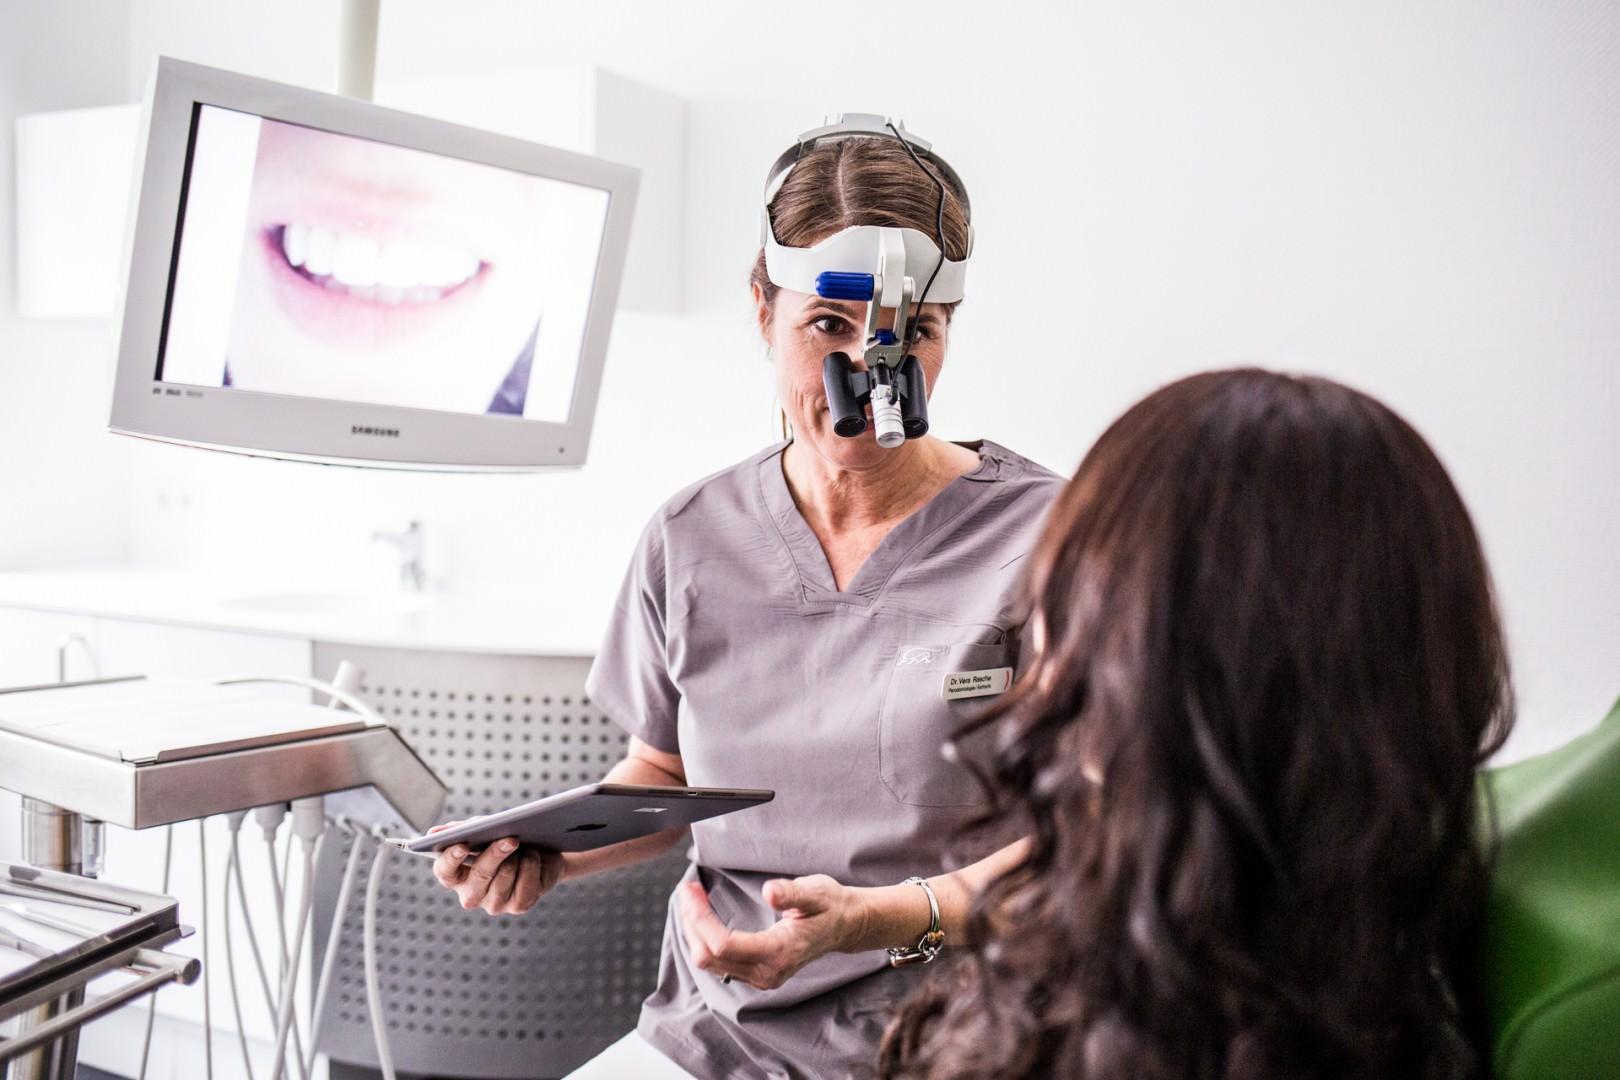 Zahnarzt Köln - Dr. Vera Rasche, Zahnärztin für ästhetische Zahnmedizin, in der Behandlung